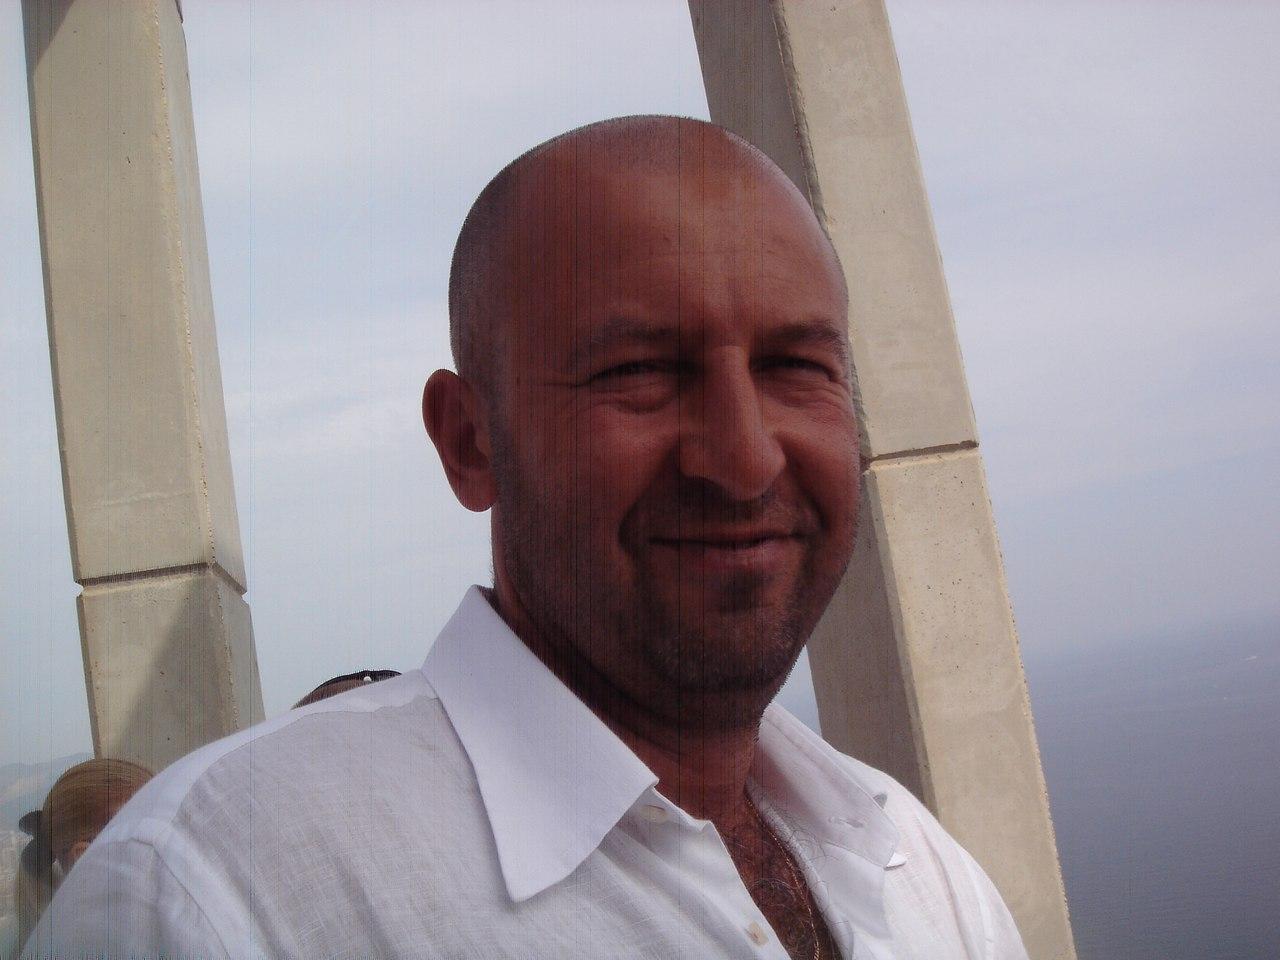 Судья Герман Гребенников: Первым же броском мне выбили ключицу - фото